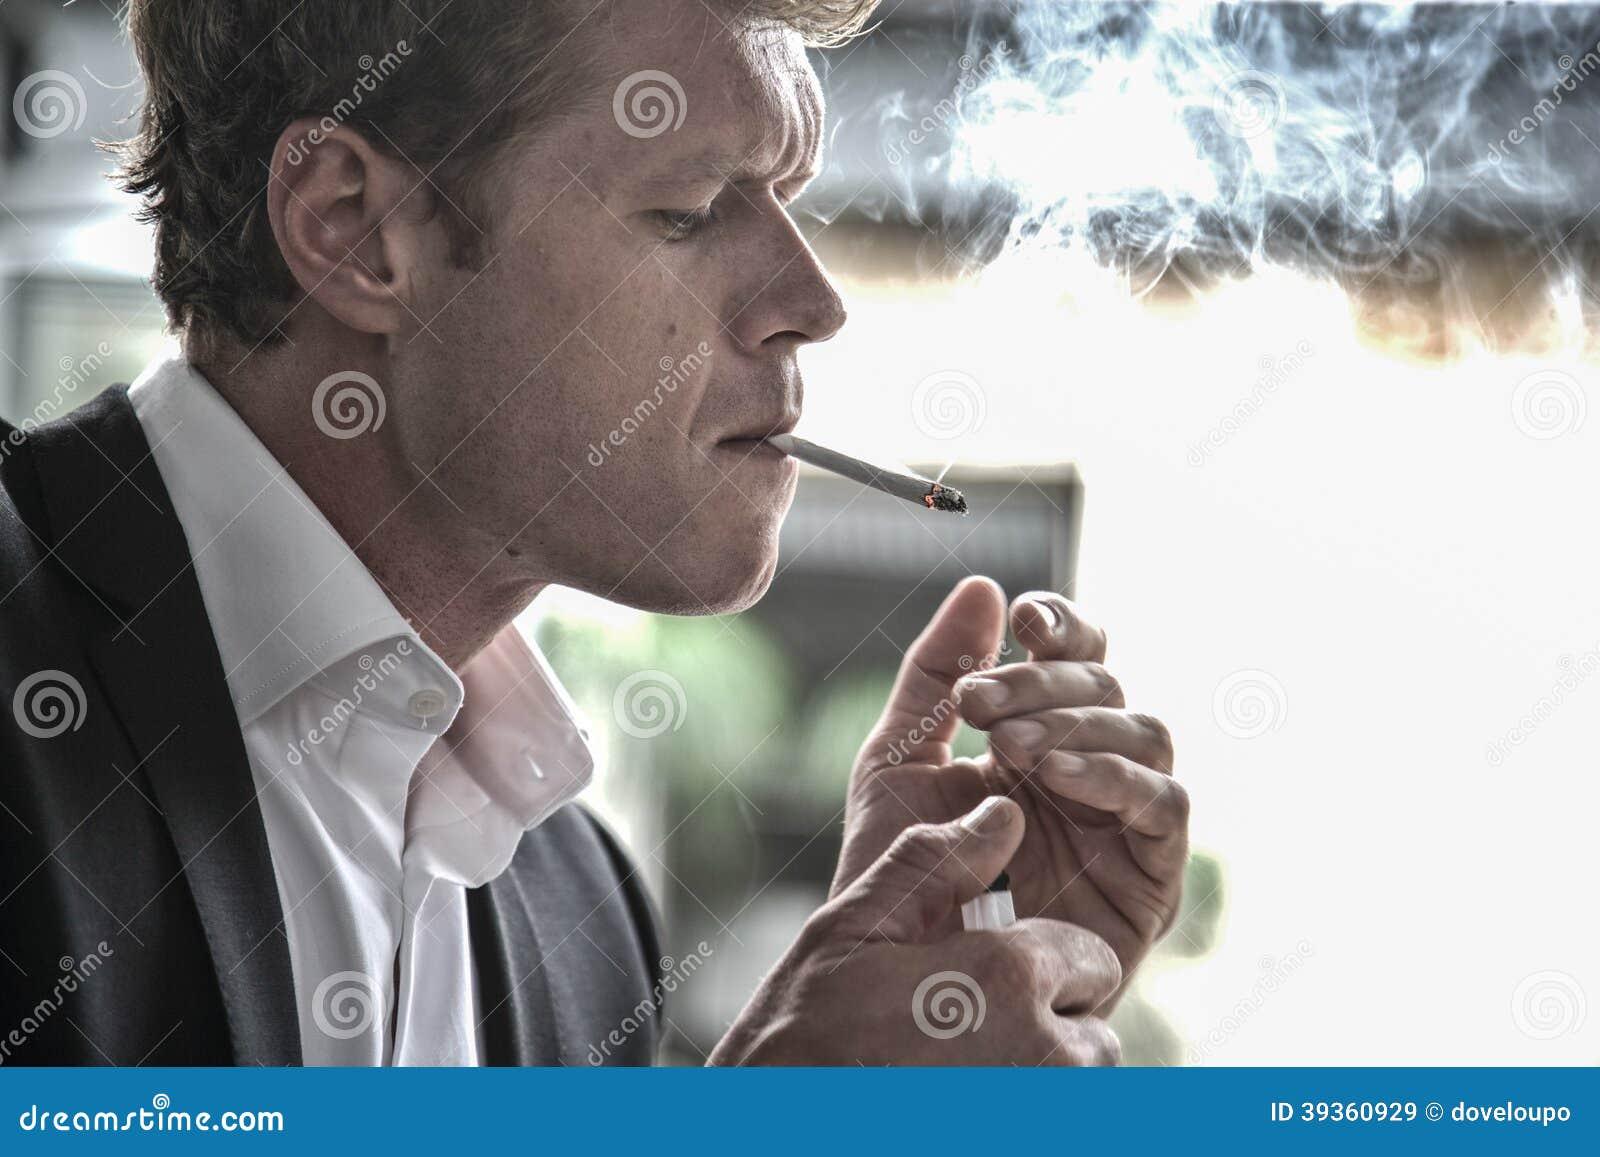 Man lighting cigarette  sc 1 st  Dreamstime.com & Man lighting cigarette stock image. Image of smoke formal - 39360929 azcodes.com